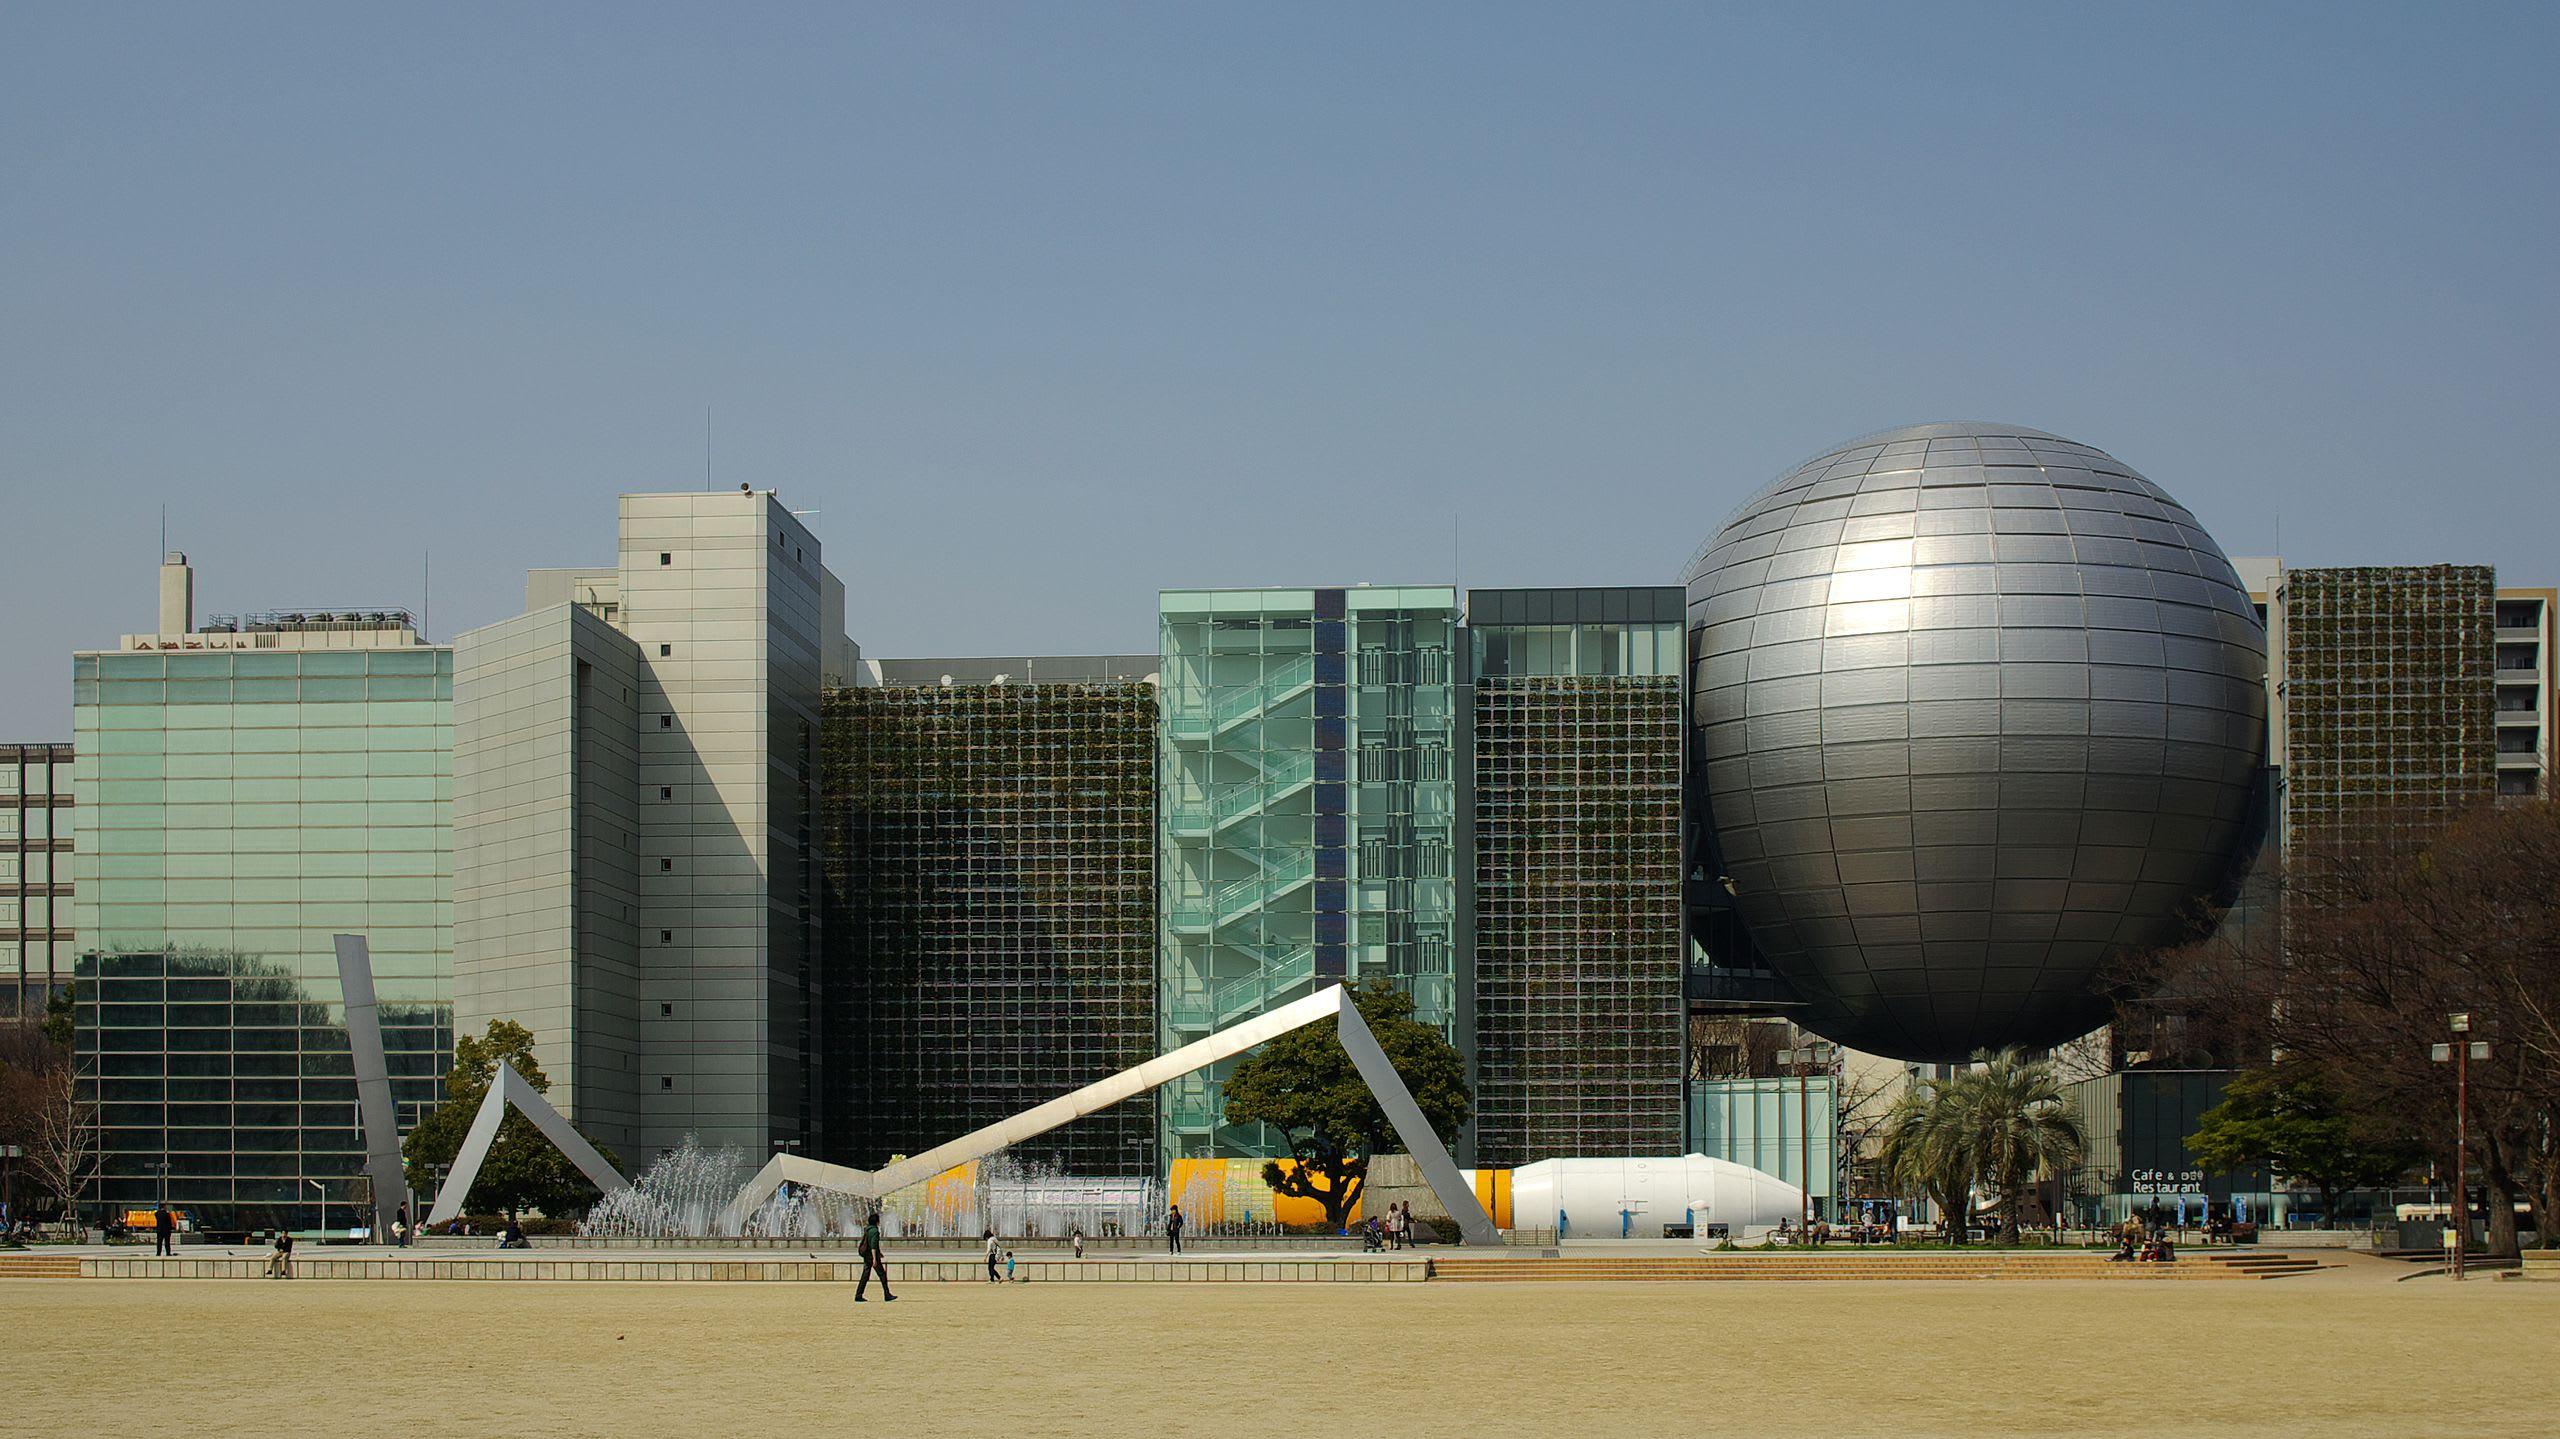 nagoya science museum legoland